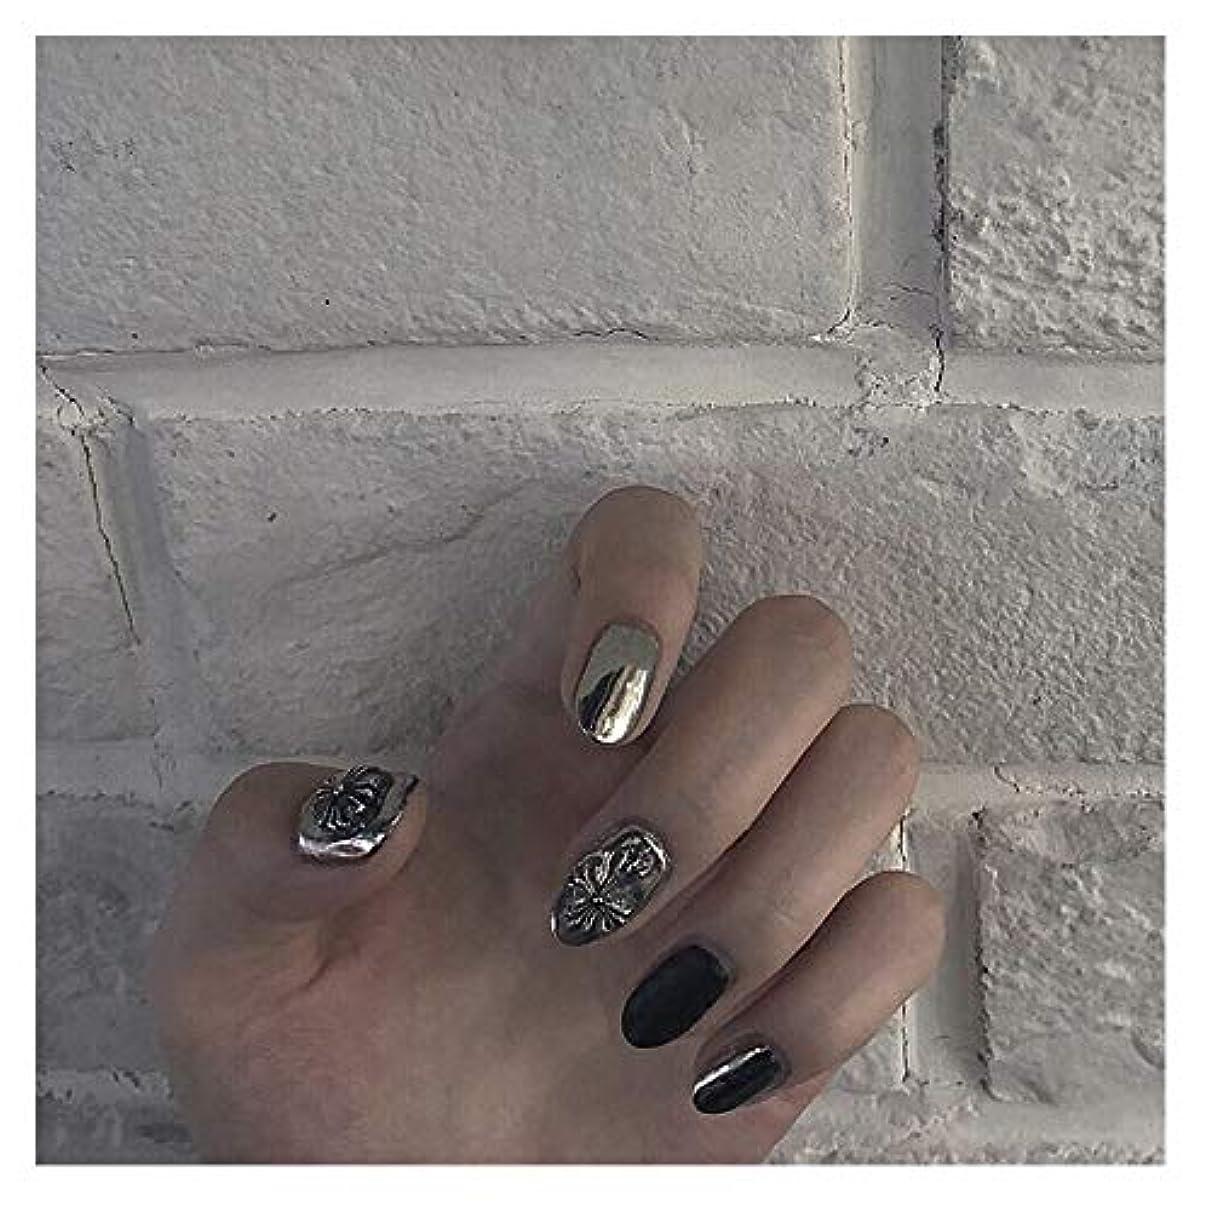 導体政治家のパンチLVUITTON シルバークロスゴススタイルグルーフェイクネイルズファッション単一製品アクセサリーラウンドネイルズ光沢のあるシルバー+ブラック (色 : 24 pieces)